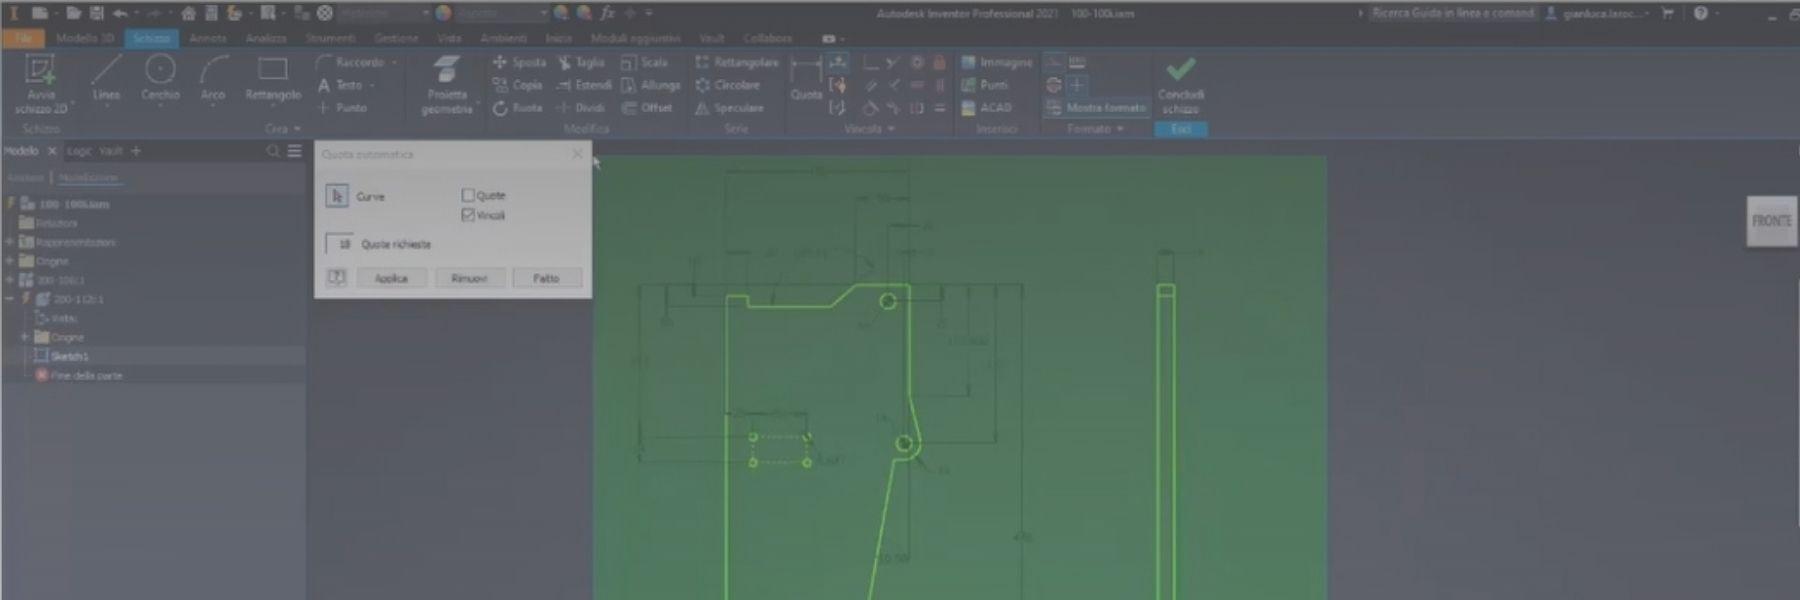 Benefici dell'Interoperabilità tra AutoCAD e Inventor